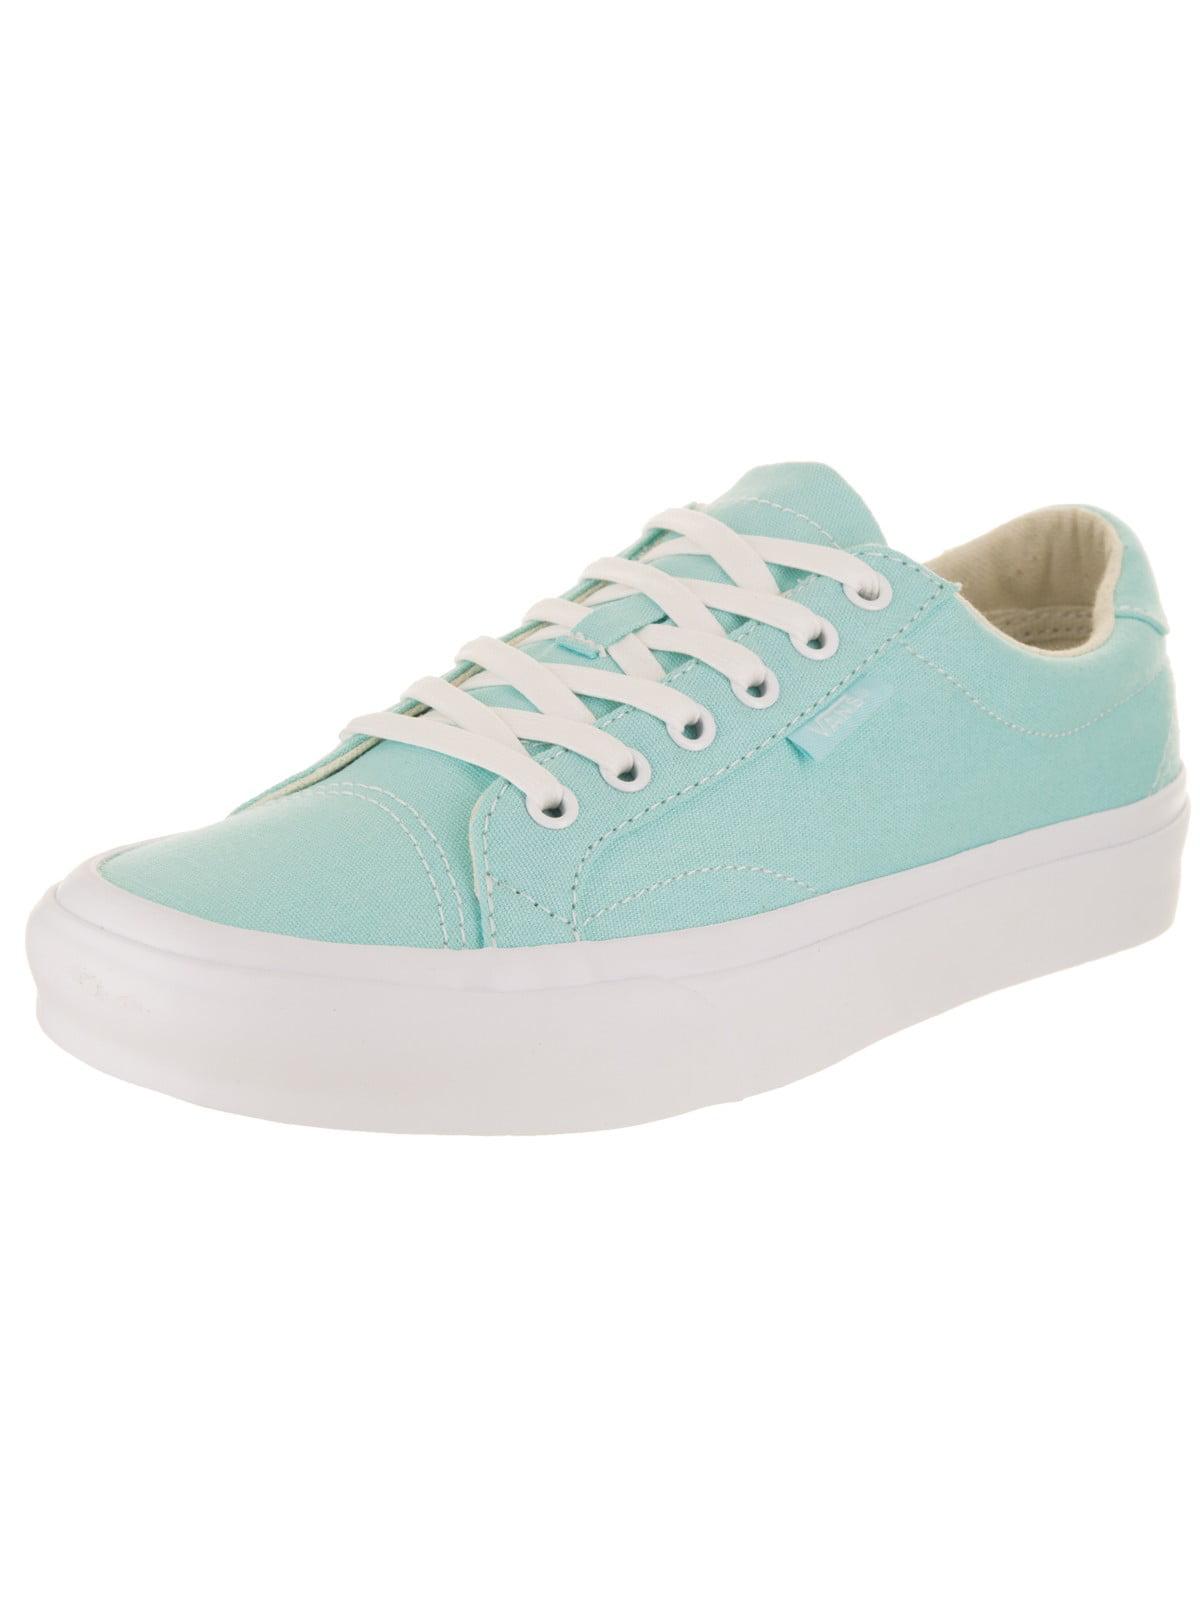 Vans Unisex Court Skate Shoe Economical, stylish, and eye-catching shoes